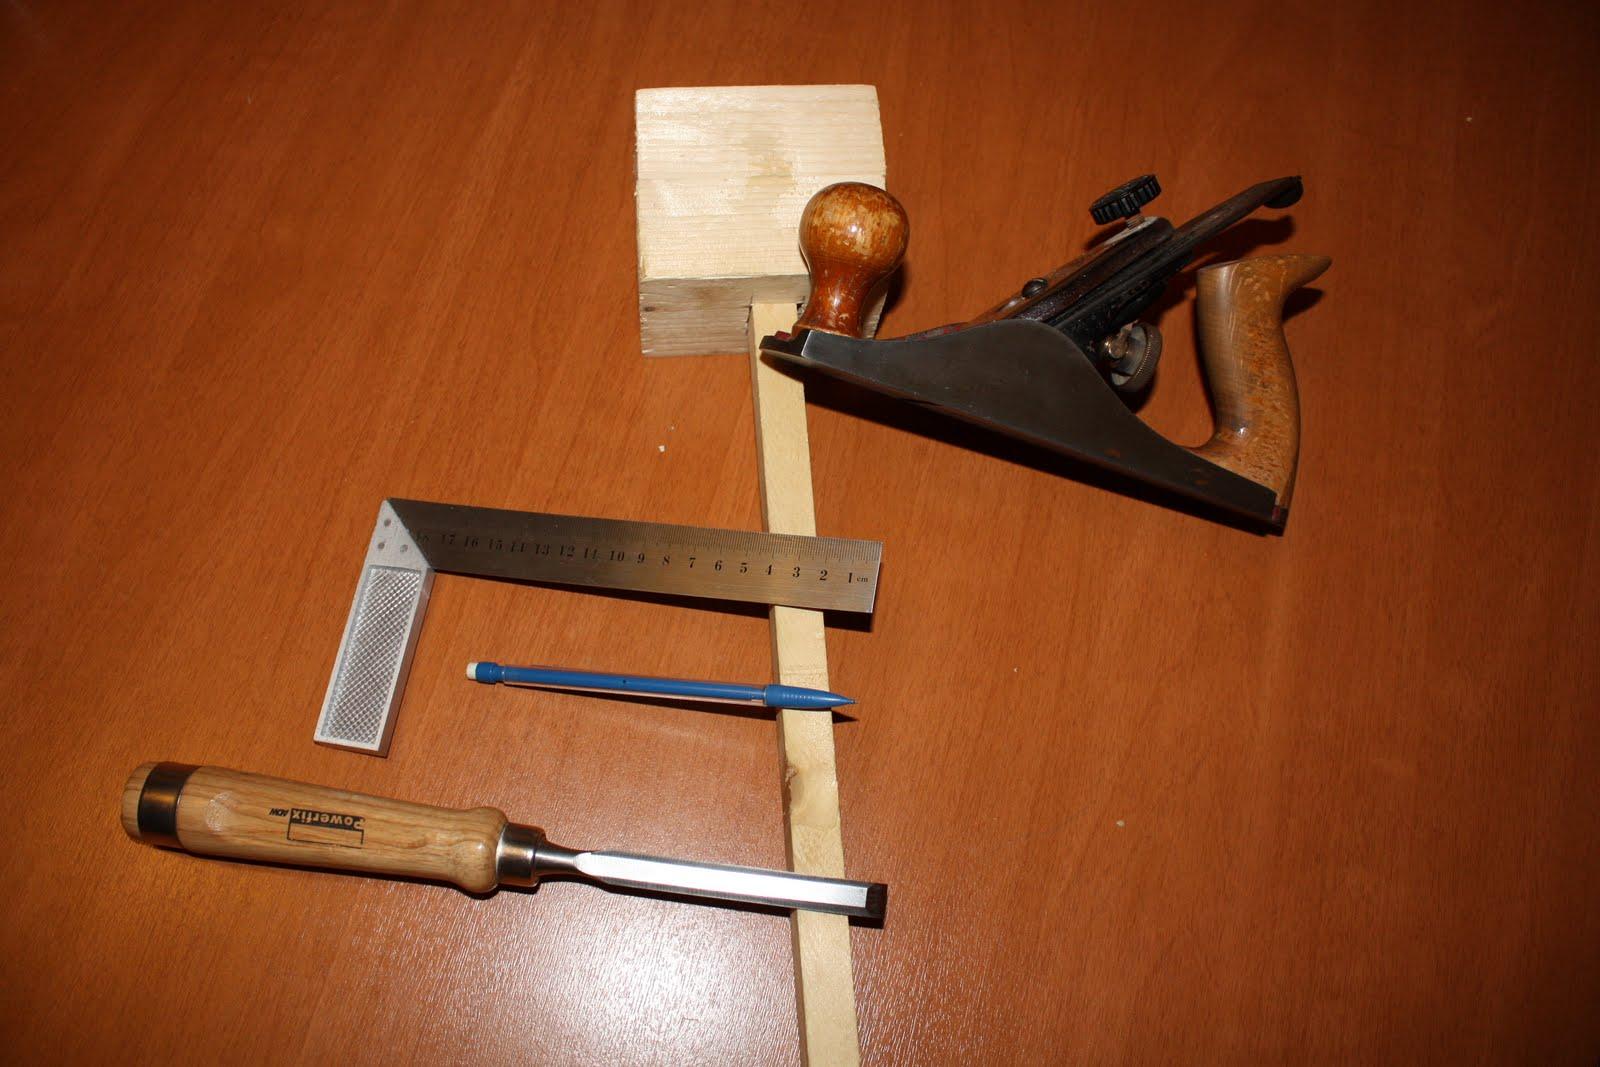 Brico carpinteria el gramil una nueva herramienta para - Materiales de carpinteria ...